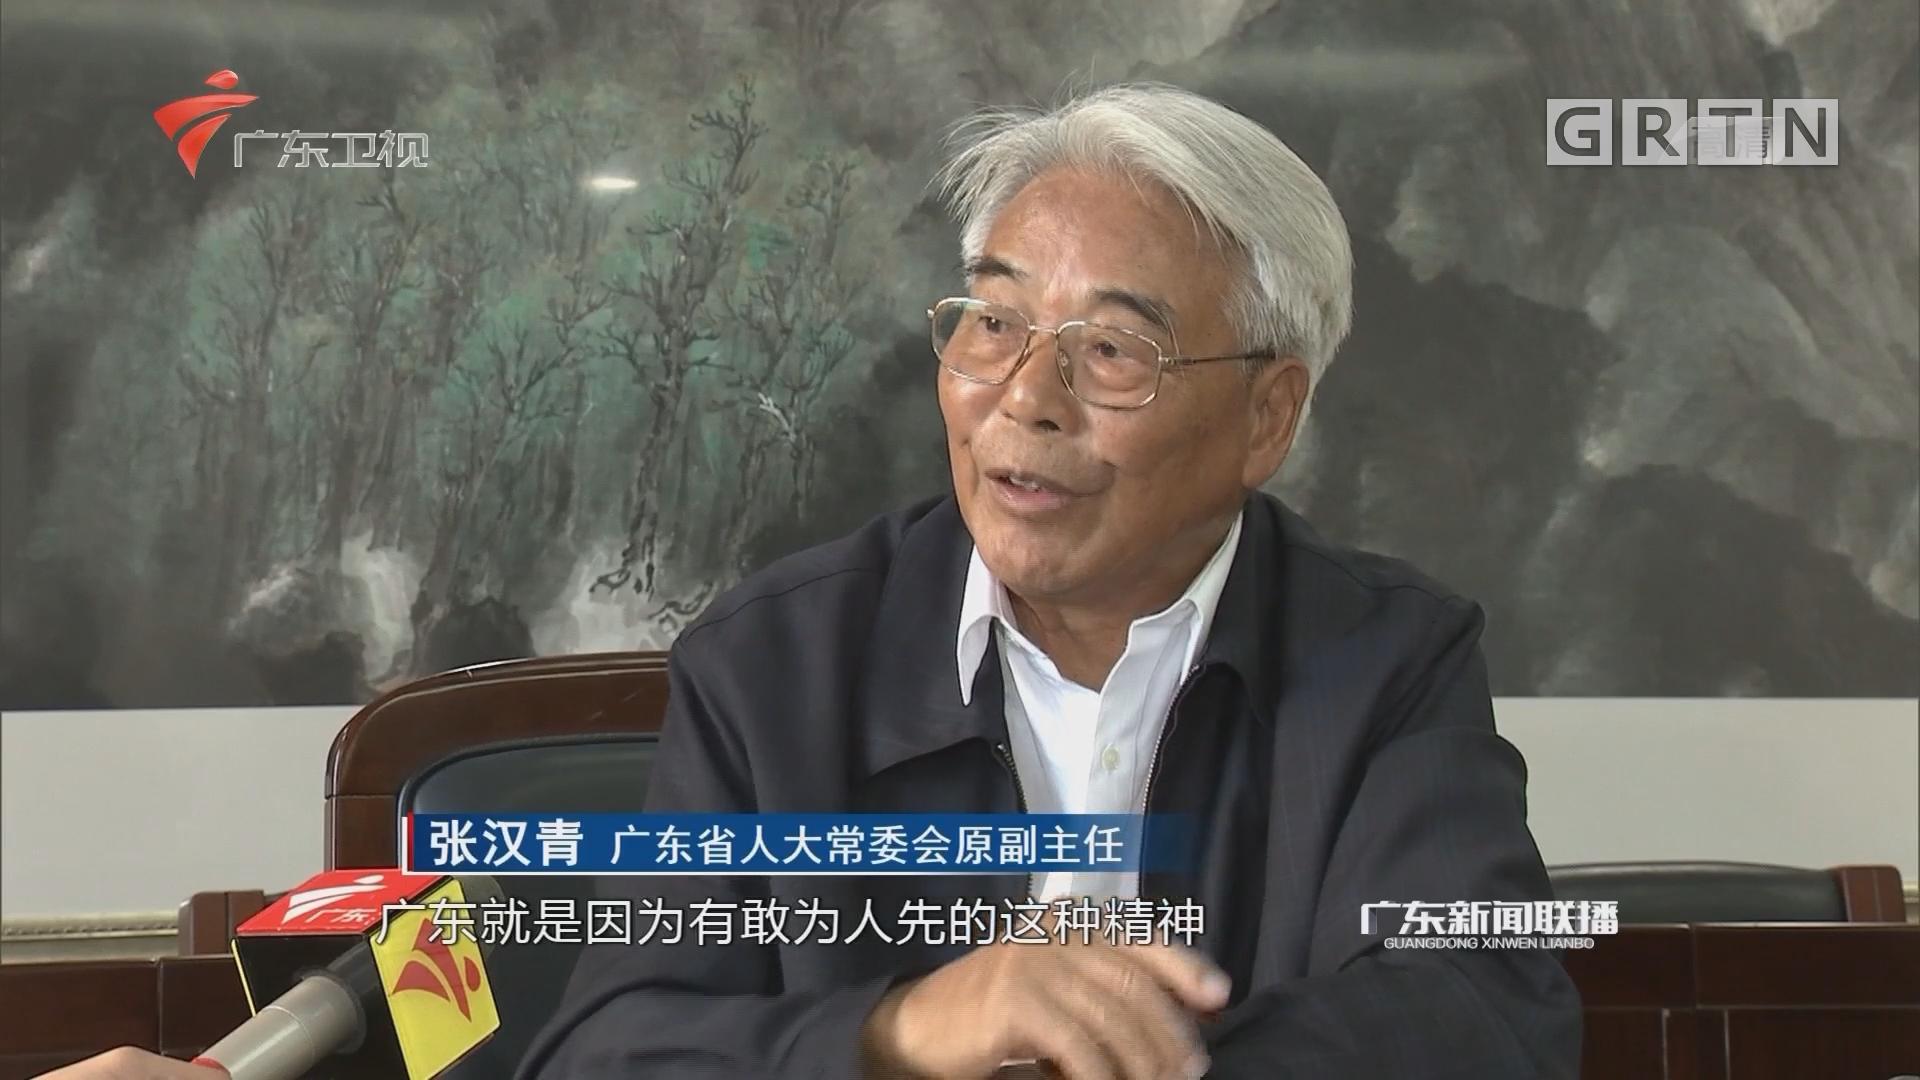 在新时代把改革开放不断推向深入——习近平总书记视察广东重要讲话精神引发热烈反响